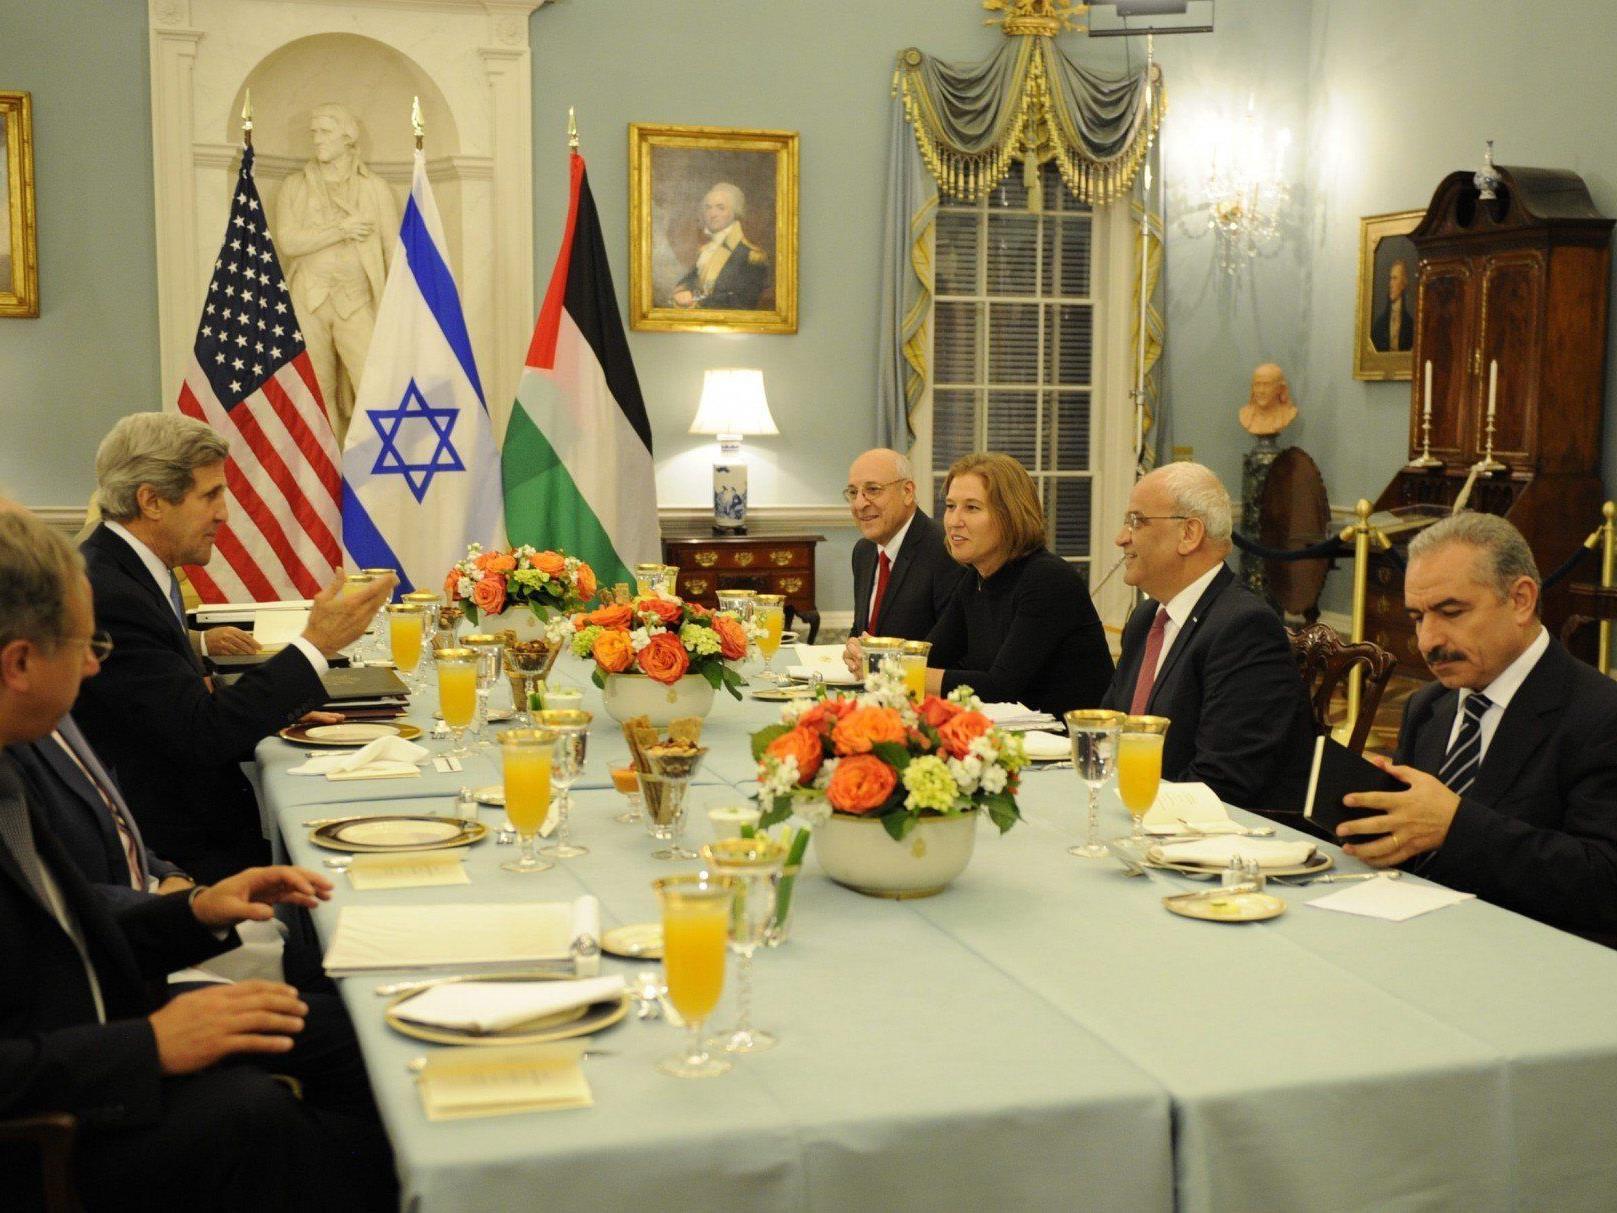 Die Friedensverhandlungen zwischen Israel und Palästina begannen gestern mit einem Abendessen.